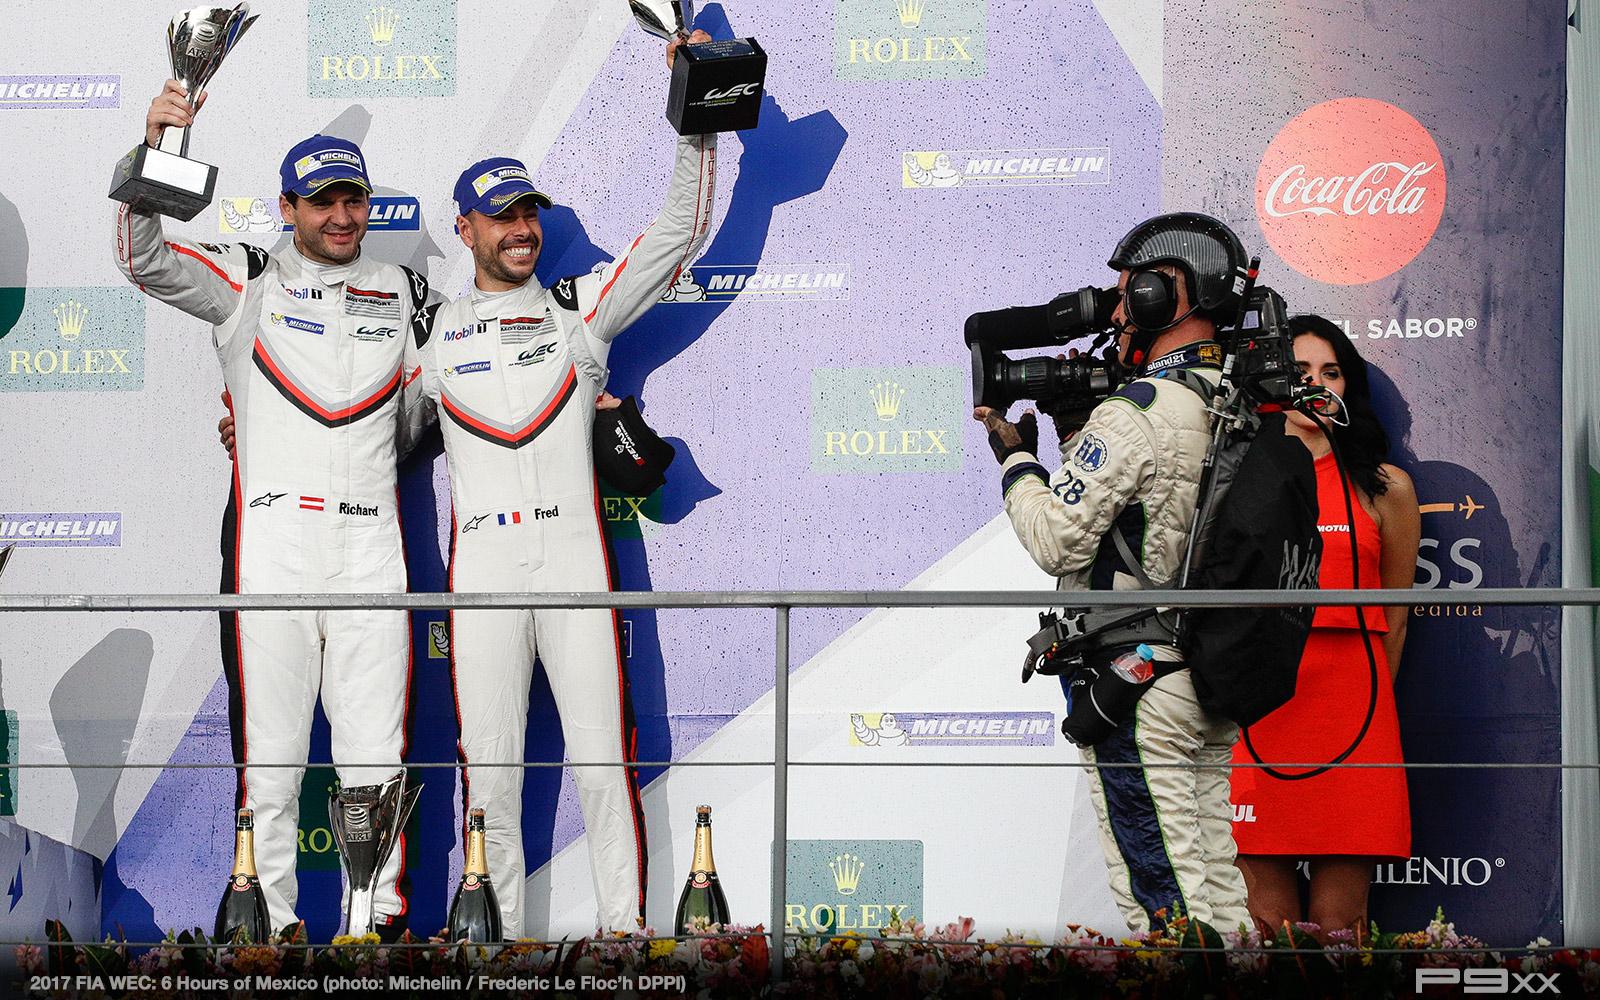 2017-FIA-WEC-6-HOURS-MEXICO-PORSCHE-exico_FLF_02117008_532271281